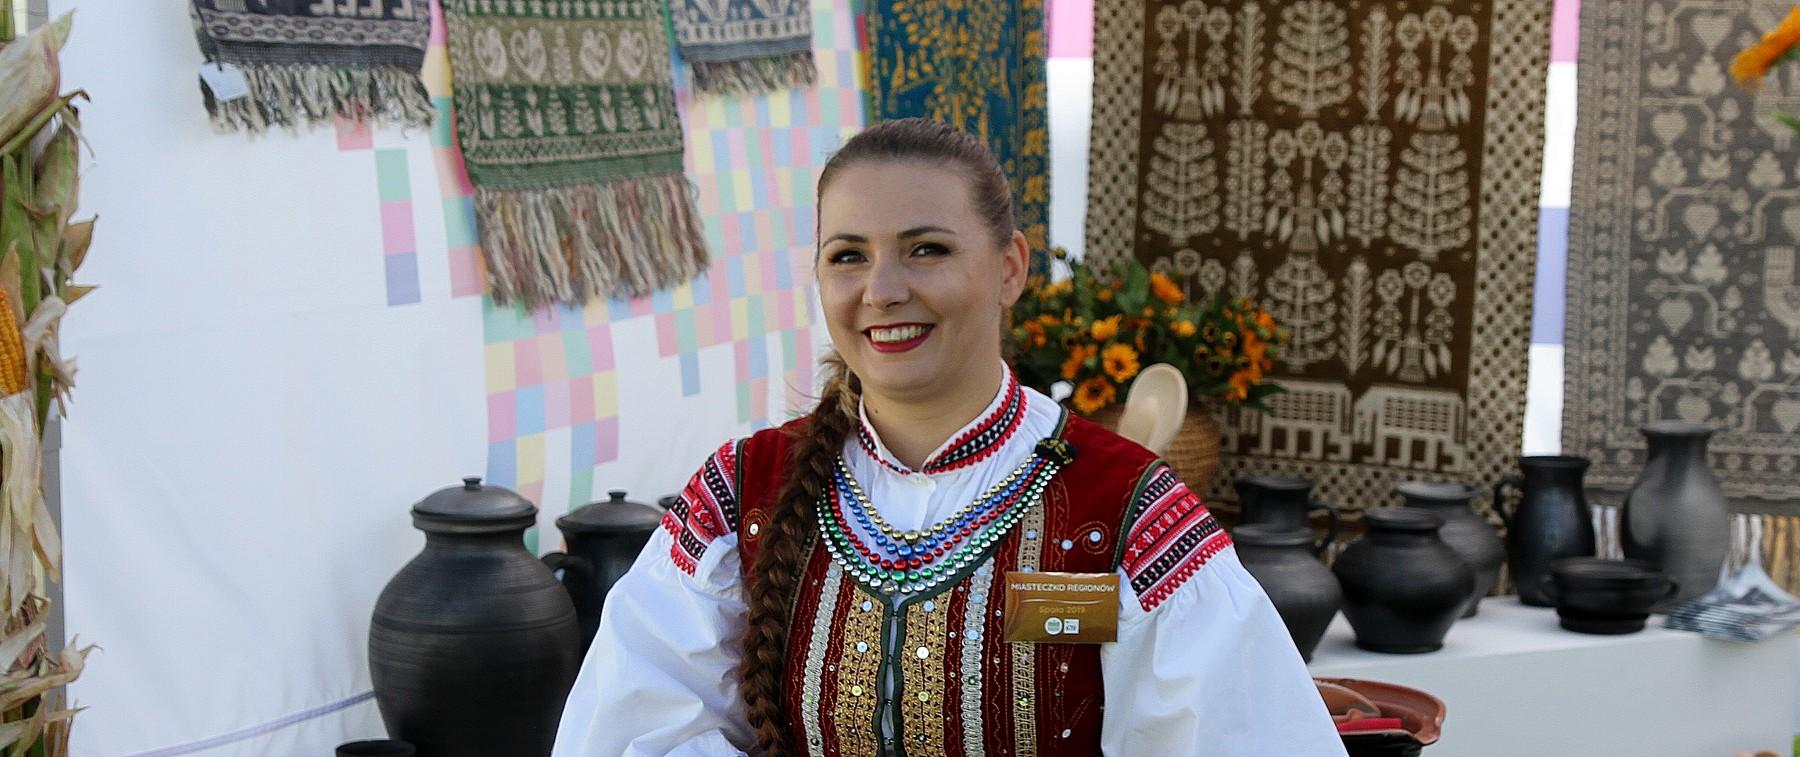 Agnieszka Jakubicz z PIK na konferencji w Czeremsze